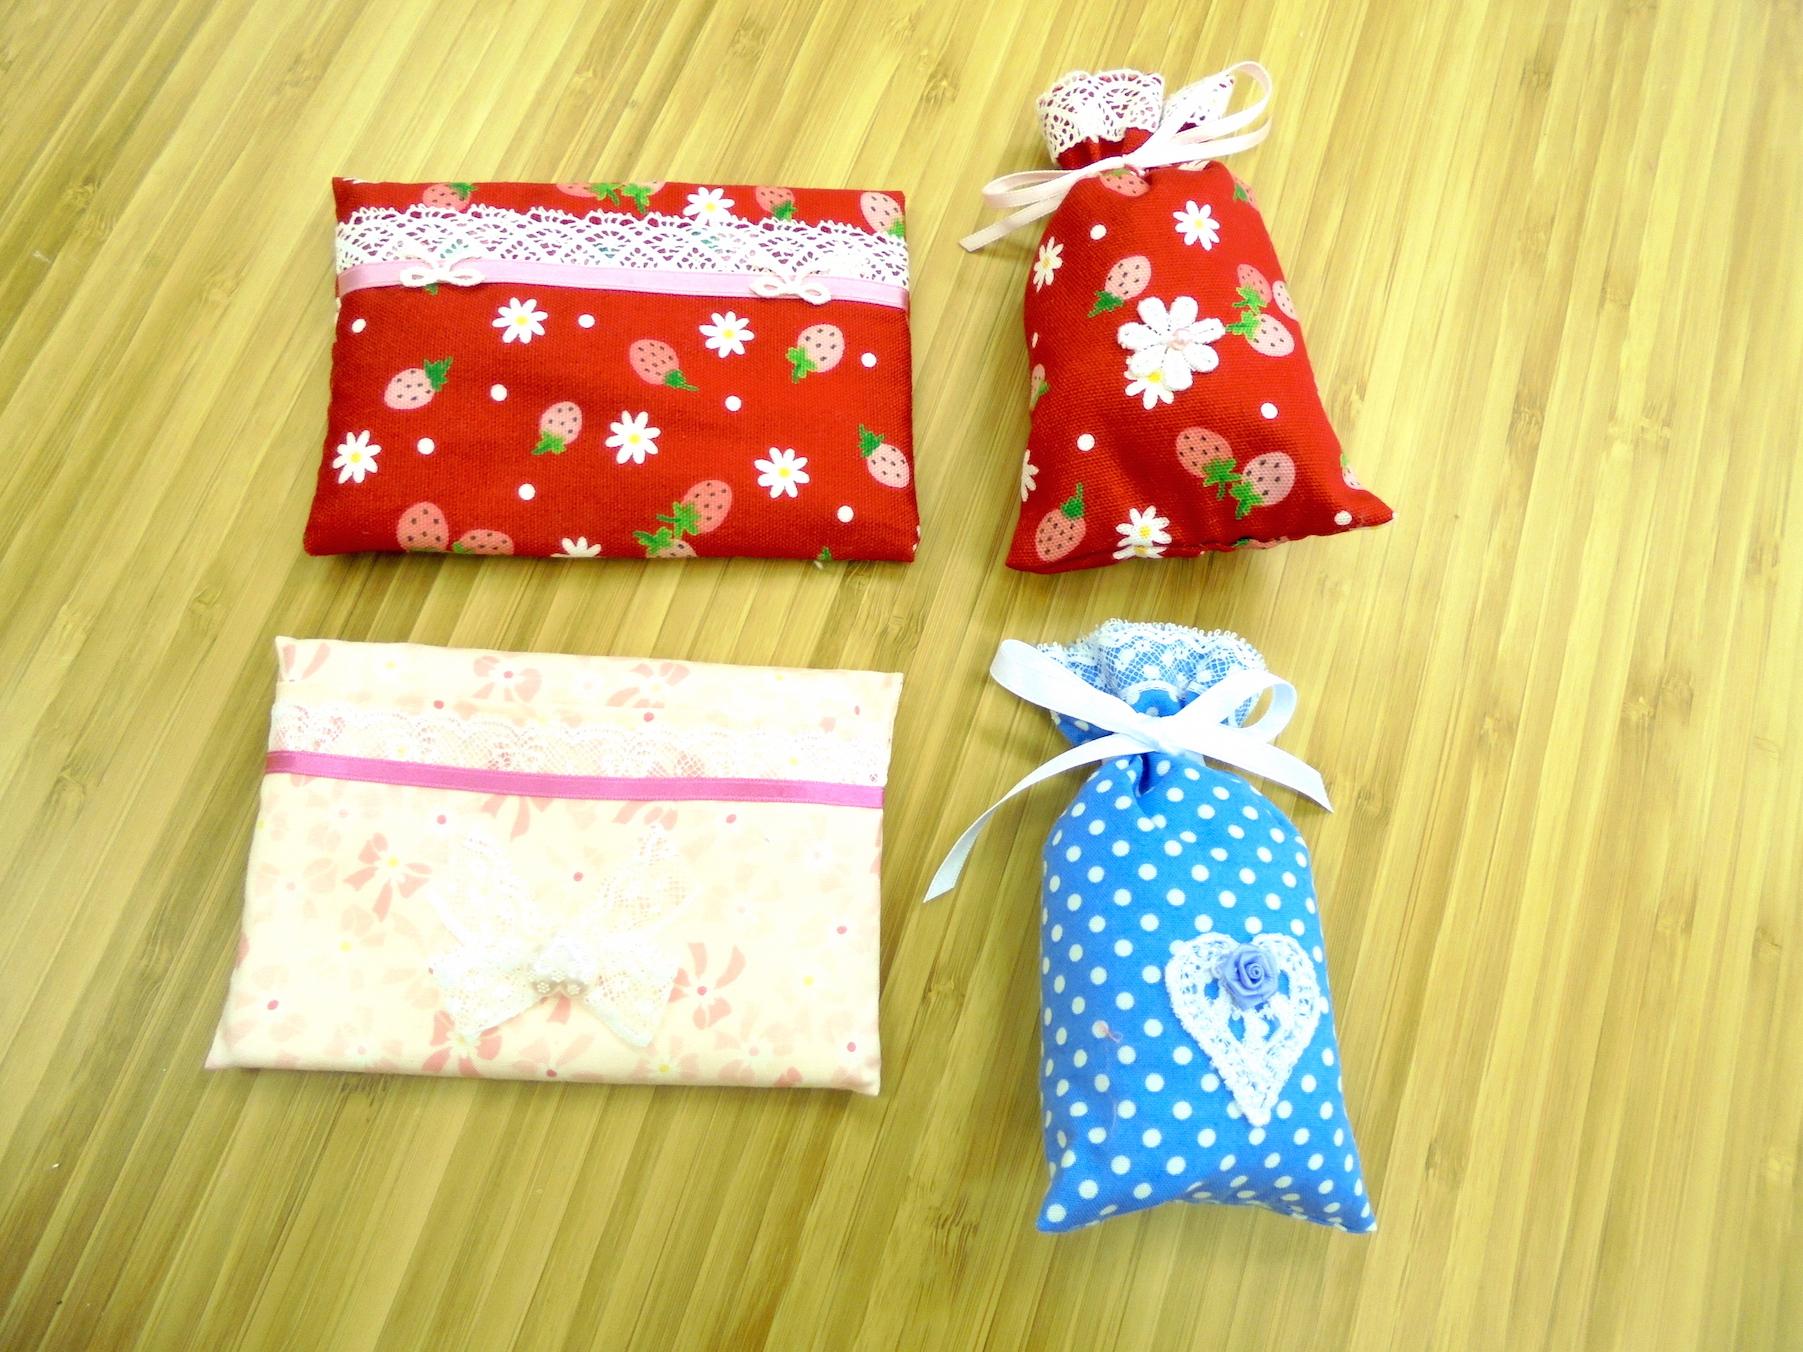 ワークショップ情報・読者特典付き - (5月1日)お父さんといっしょに、母の日プレゼントを手作りしよう @空マジ